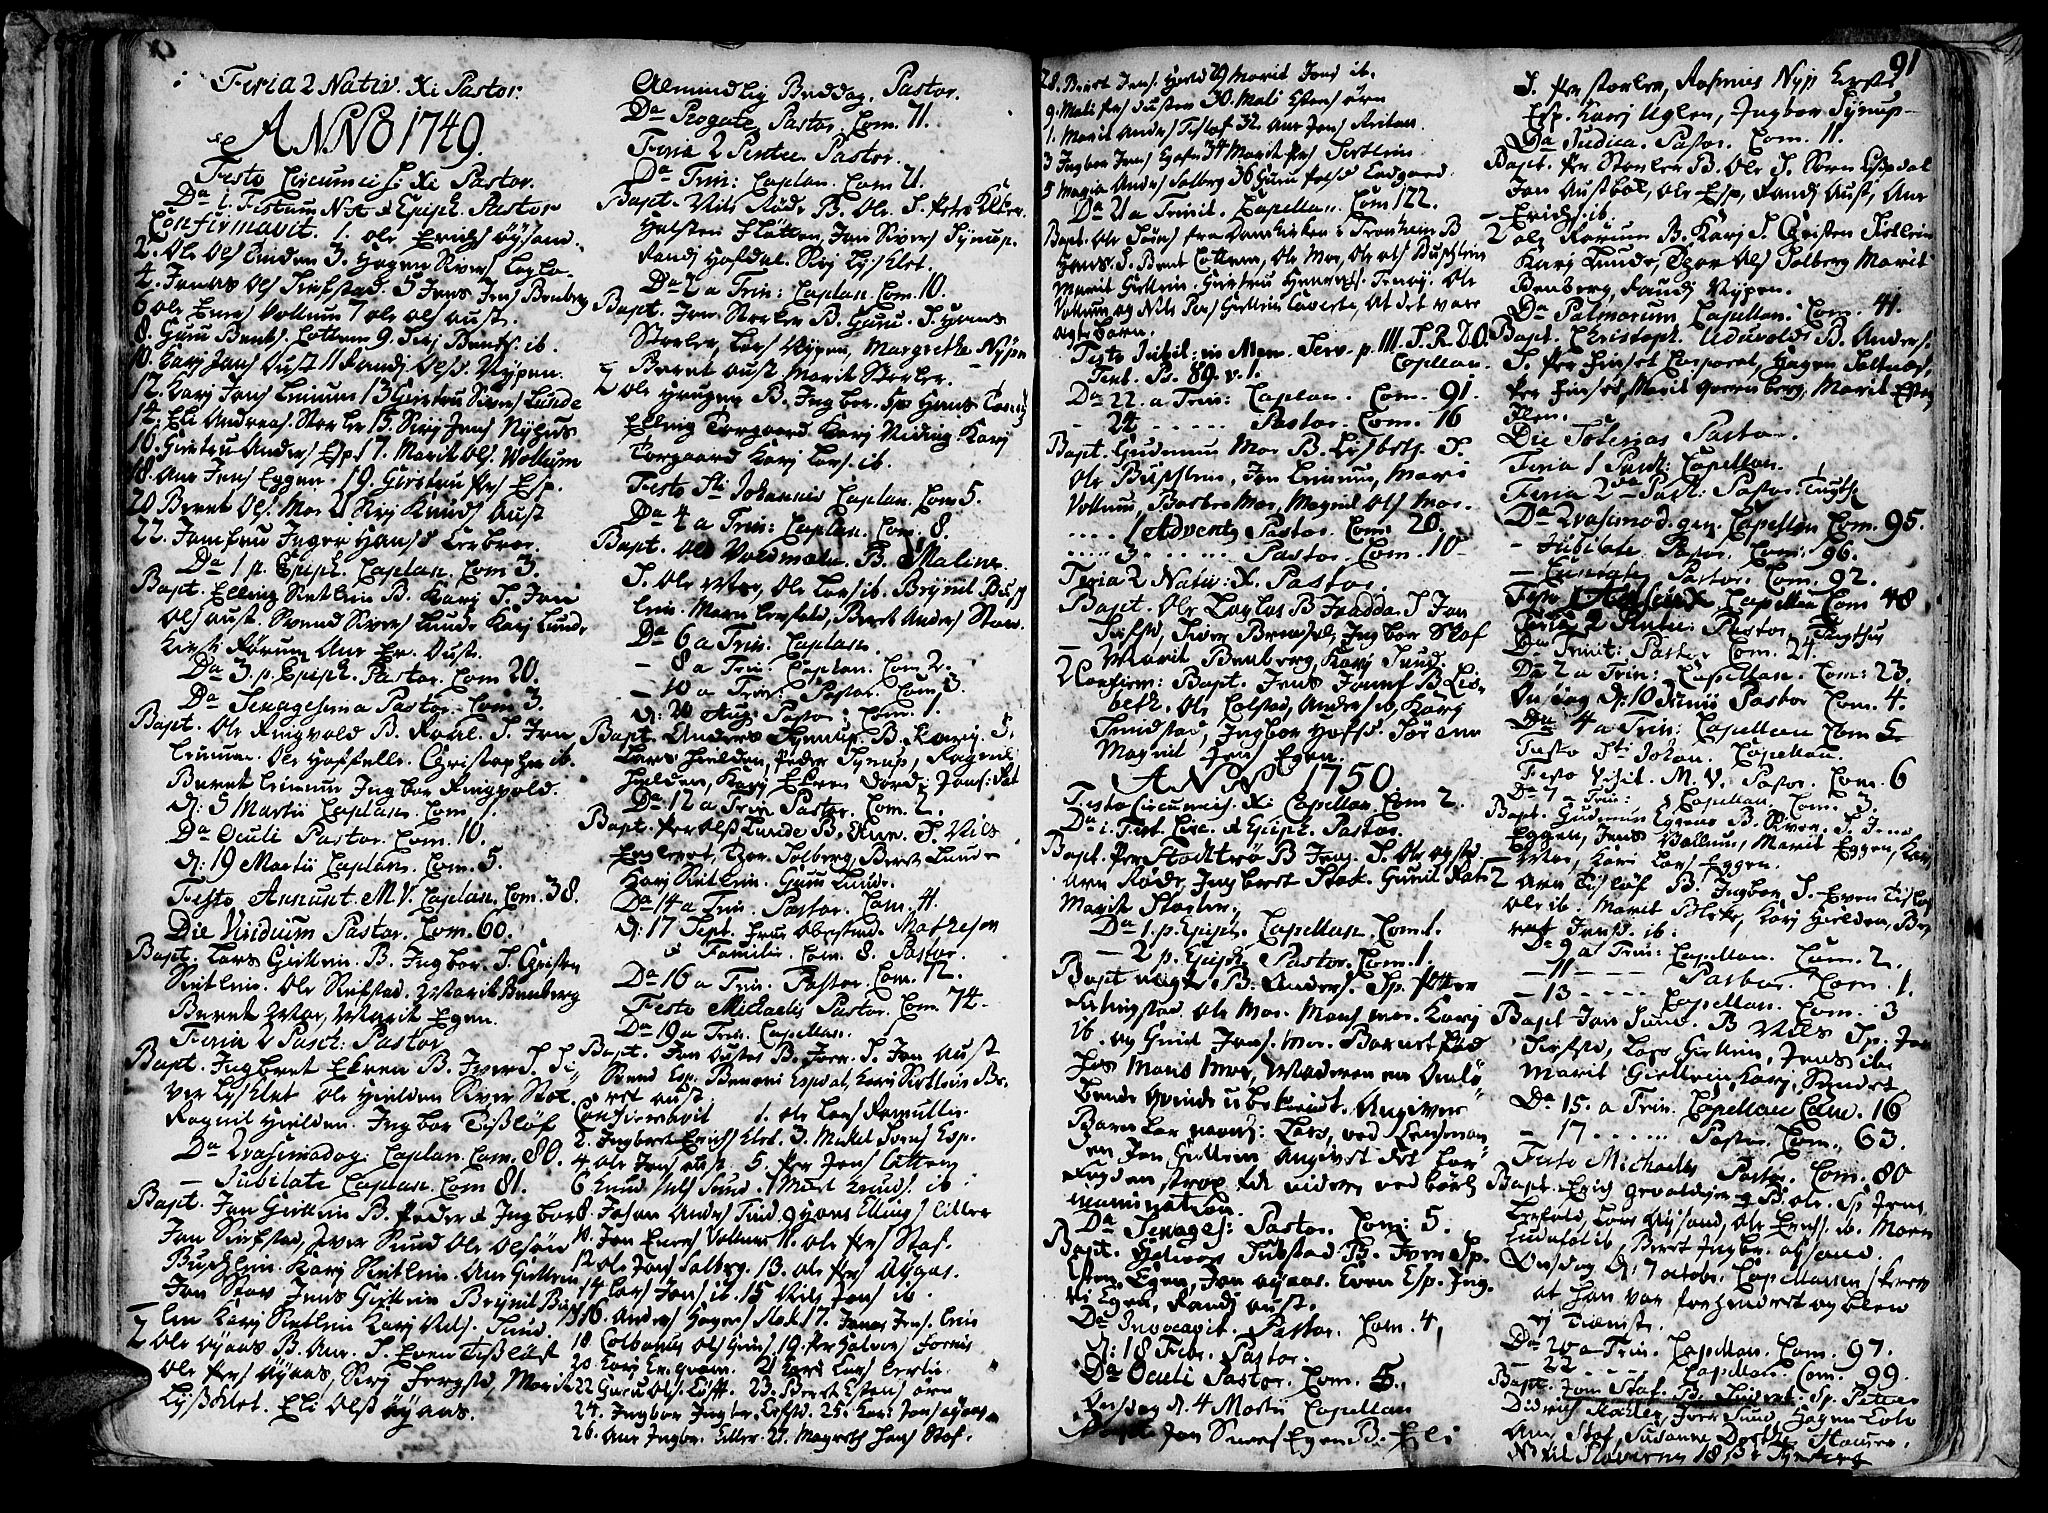 SAT, Ministerialprotokoller, klokkerbøker og fødselsregistre - Sør-Trøndelag, 691/L1059: Ministerialbok nr. 691A01 /3, 1740-1767, s. 91